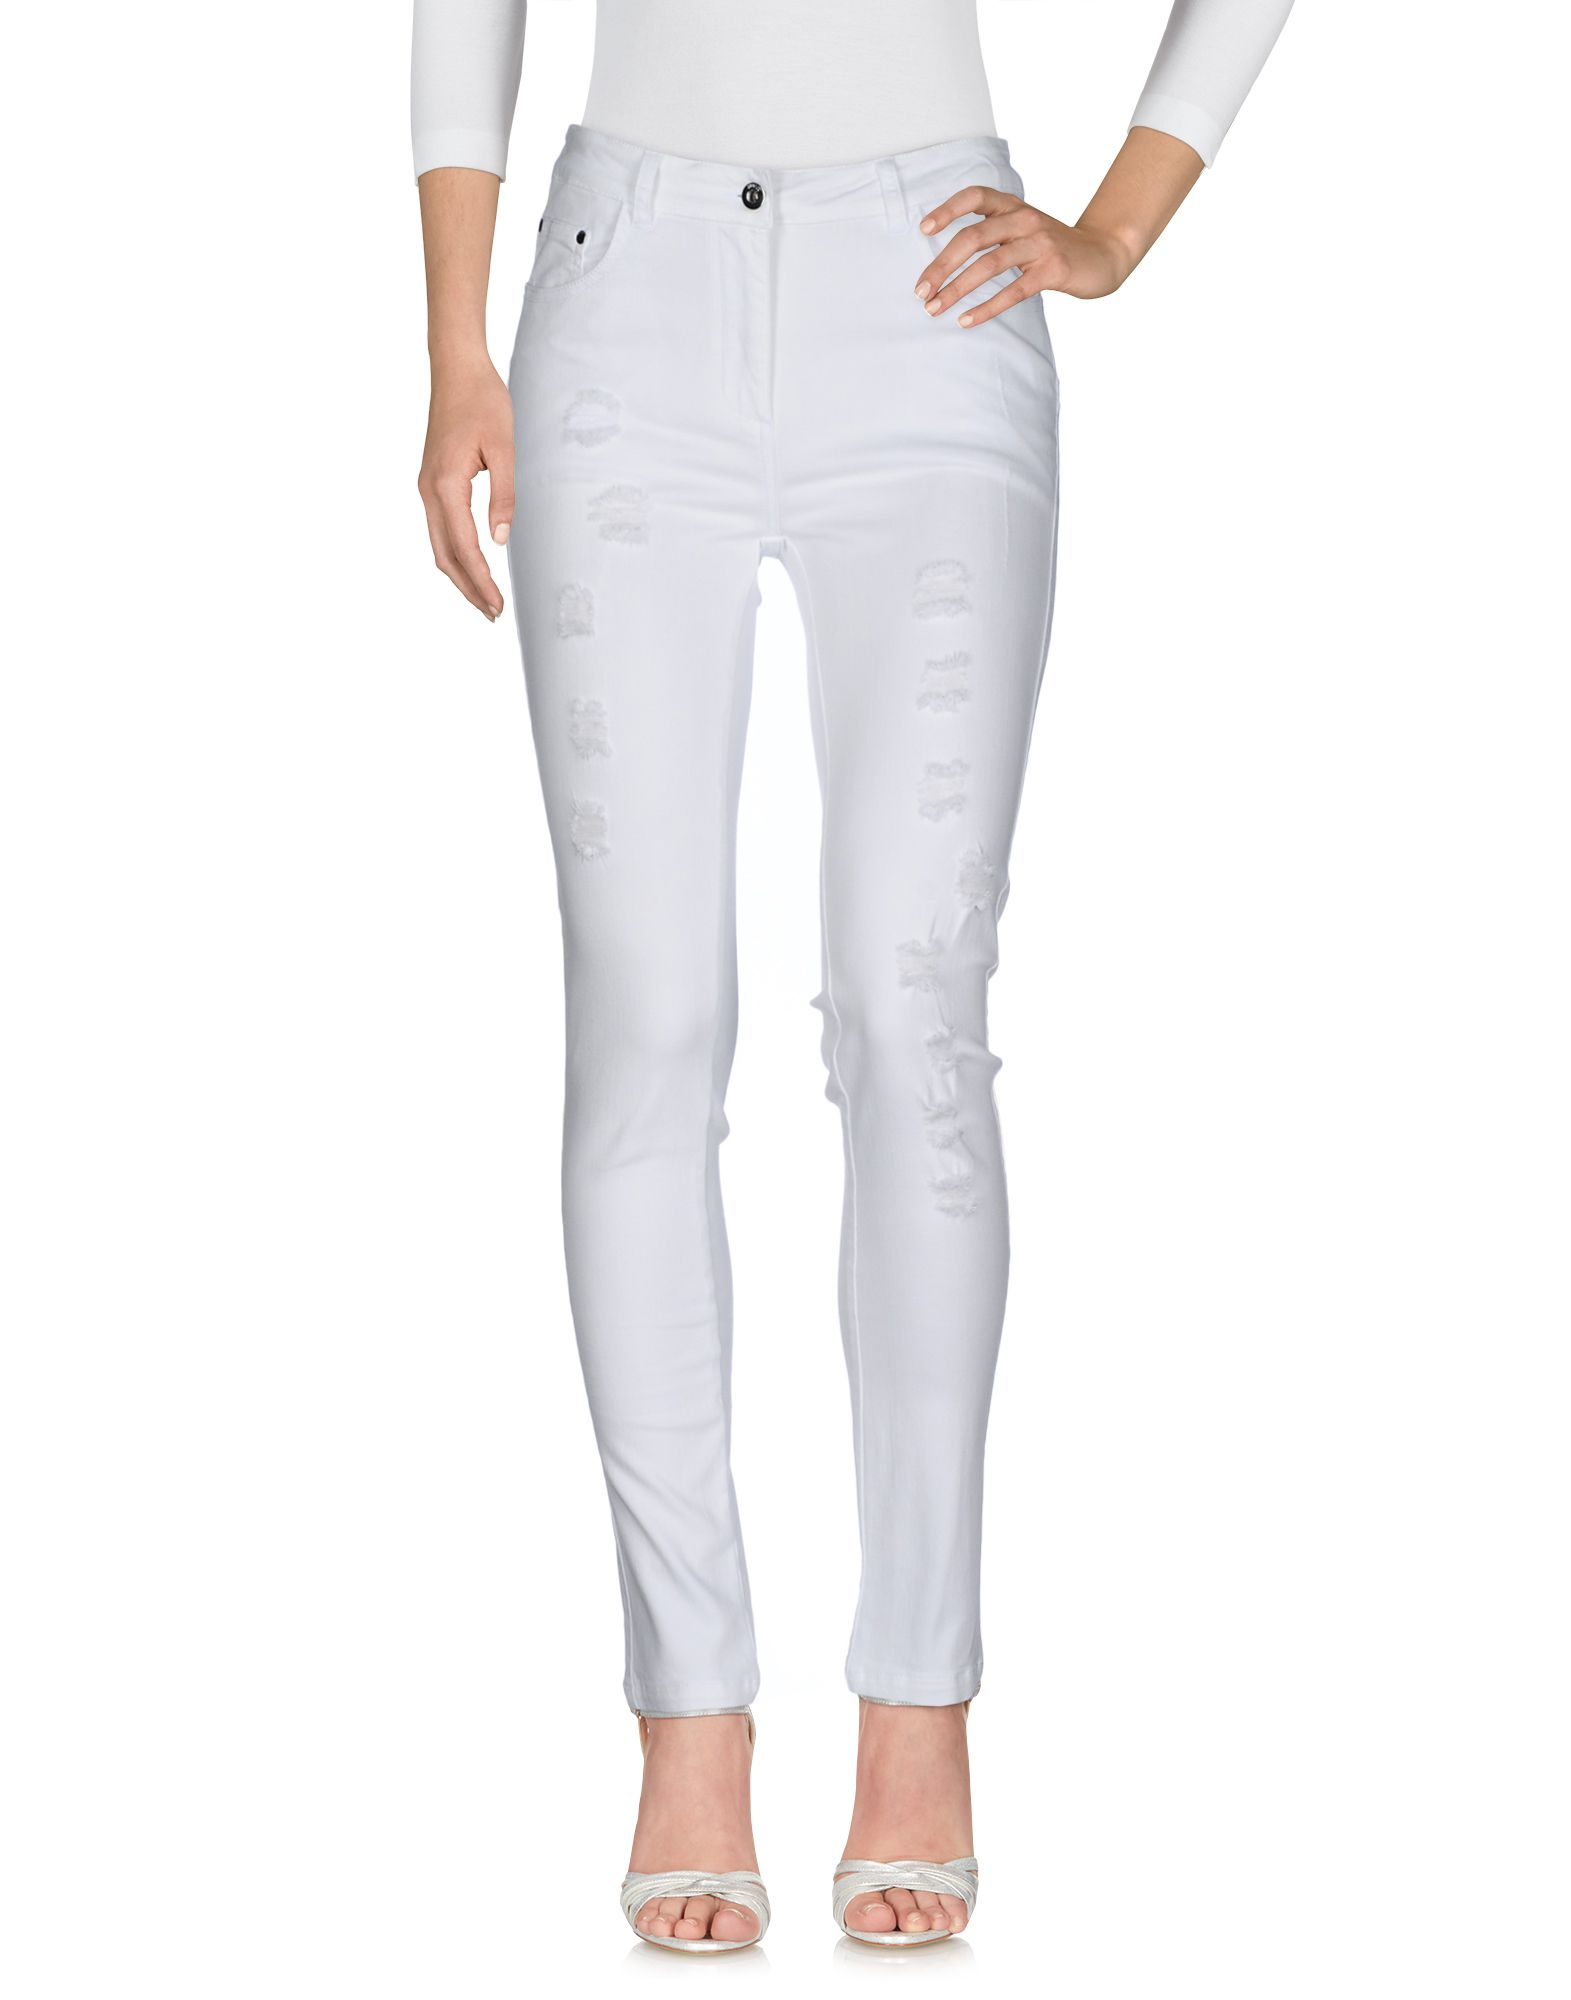 Фото - SWEET SECRETS Джинсовые брюки sweet secrets джинсовые брюки